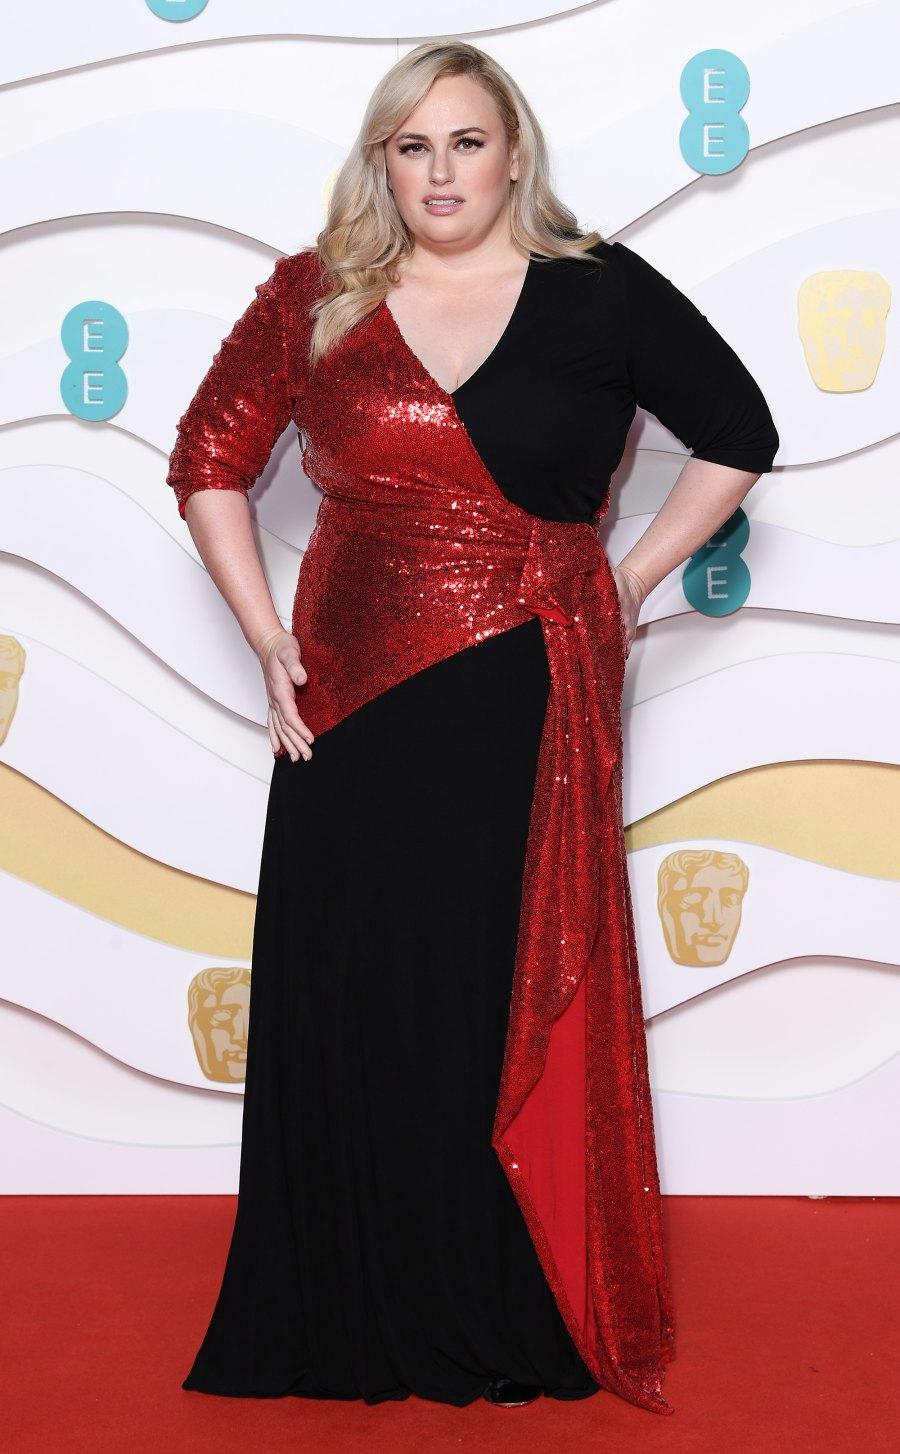 BAFTA Awards 2020 - Rebel Wilson